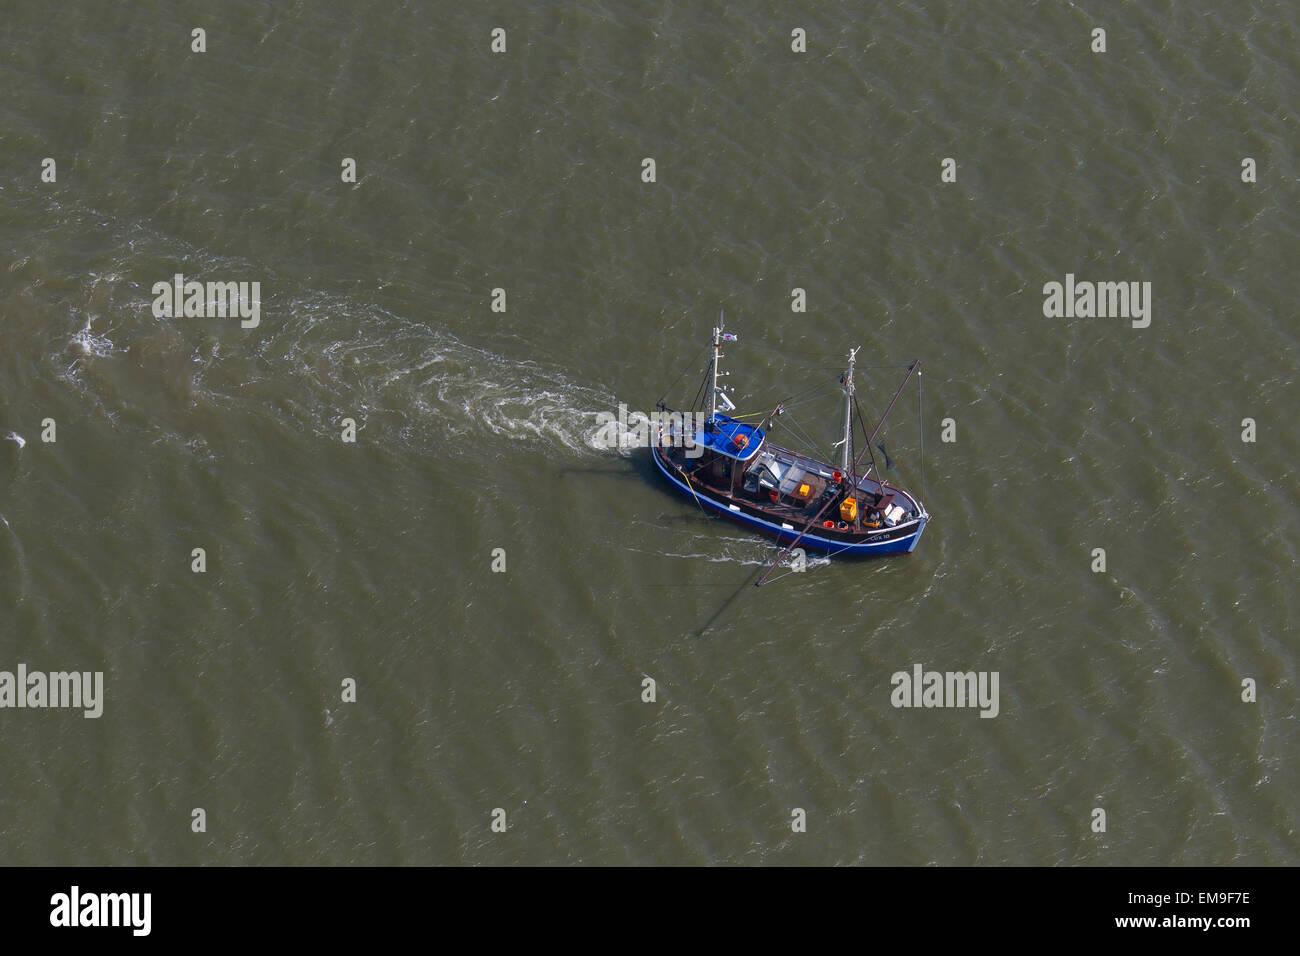 Vista de pájaro del camarón azul barco arrastrero la pesca de camarones en el mar Foto de stock